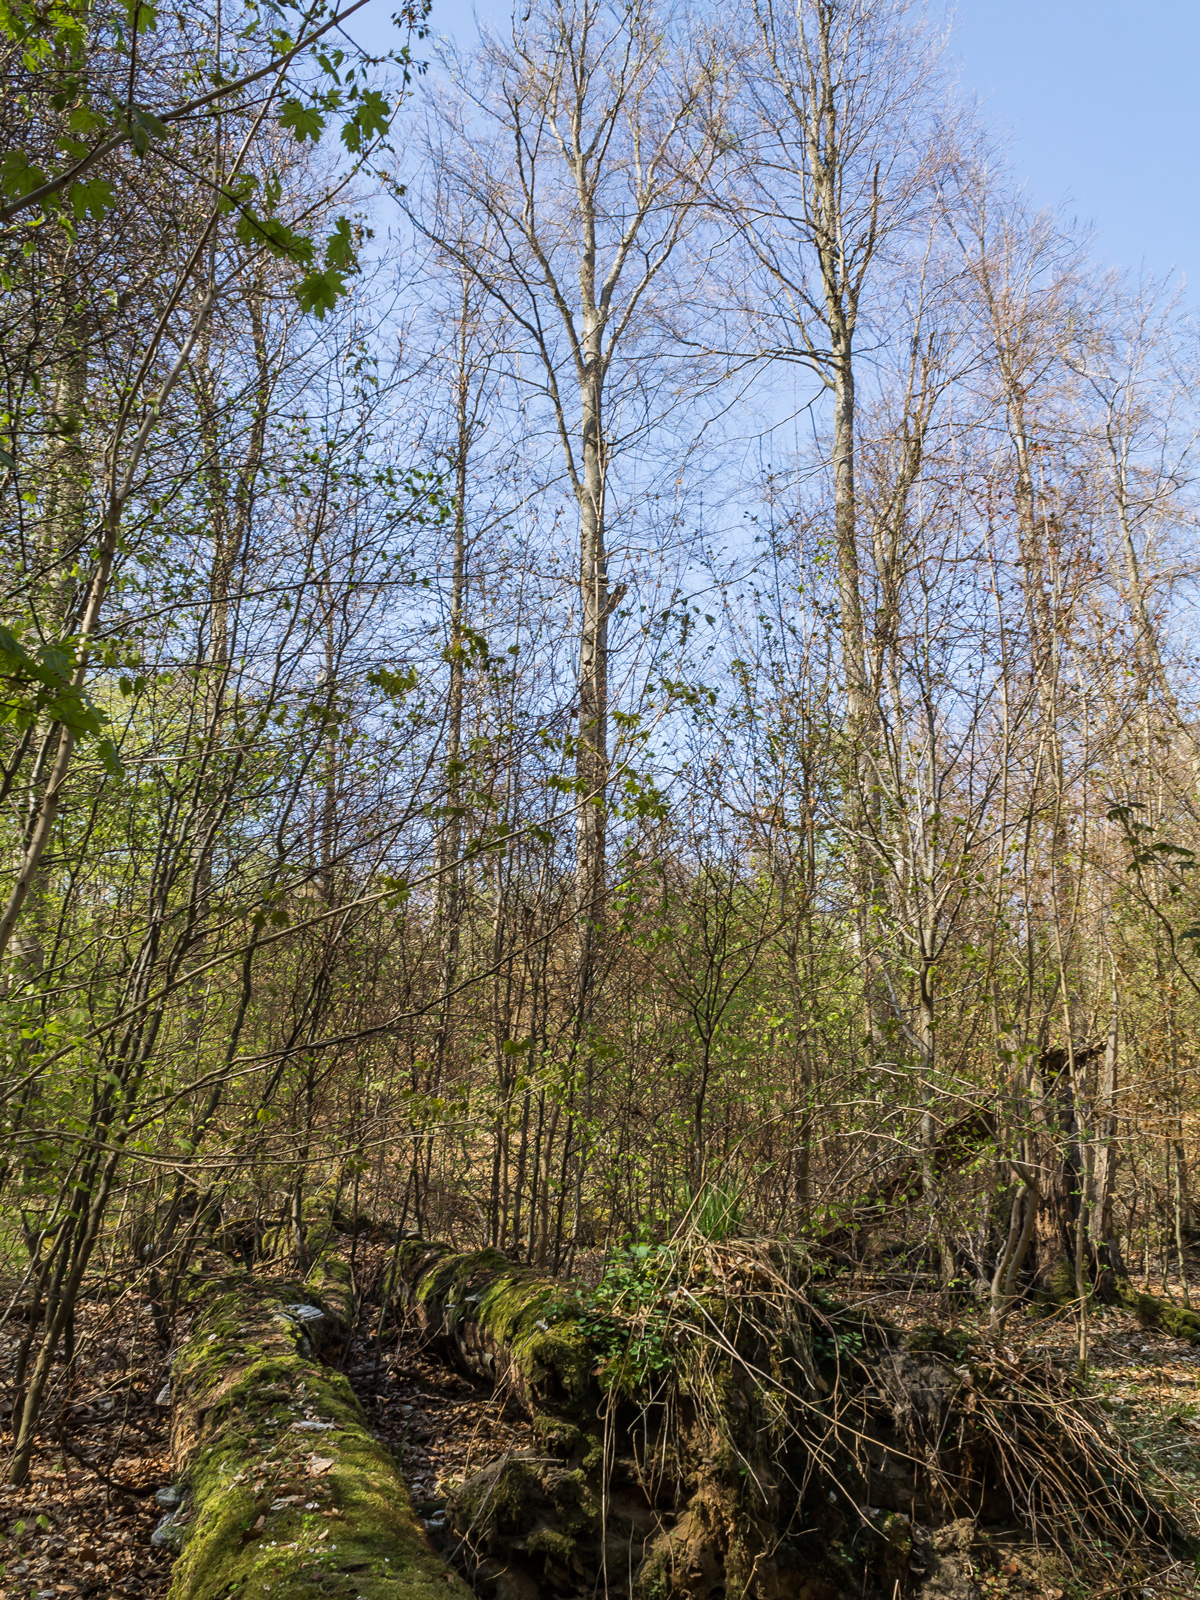 Jahrzehntealte liegende Totholzstämme